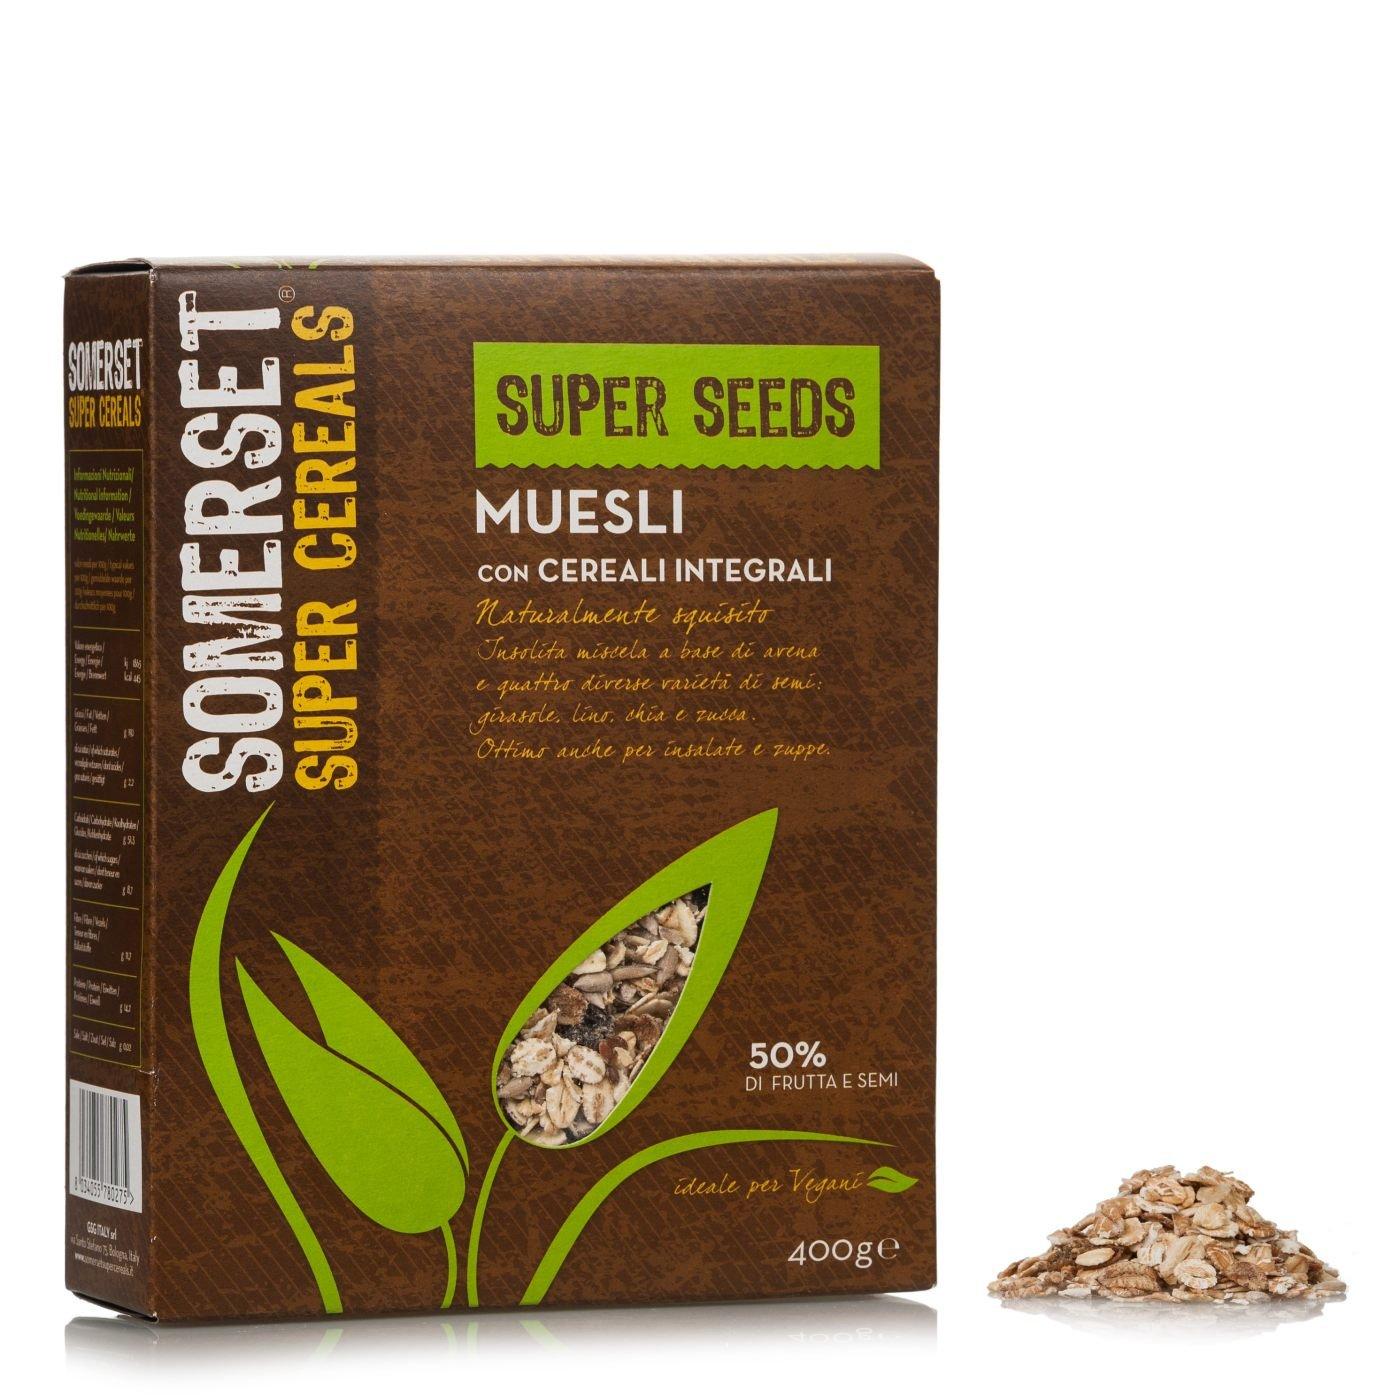 super seeds muesli con cereali integrali 400g somerset super cereals eataly. Black Bedroom Furniture Sets. Home Design Ideas